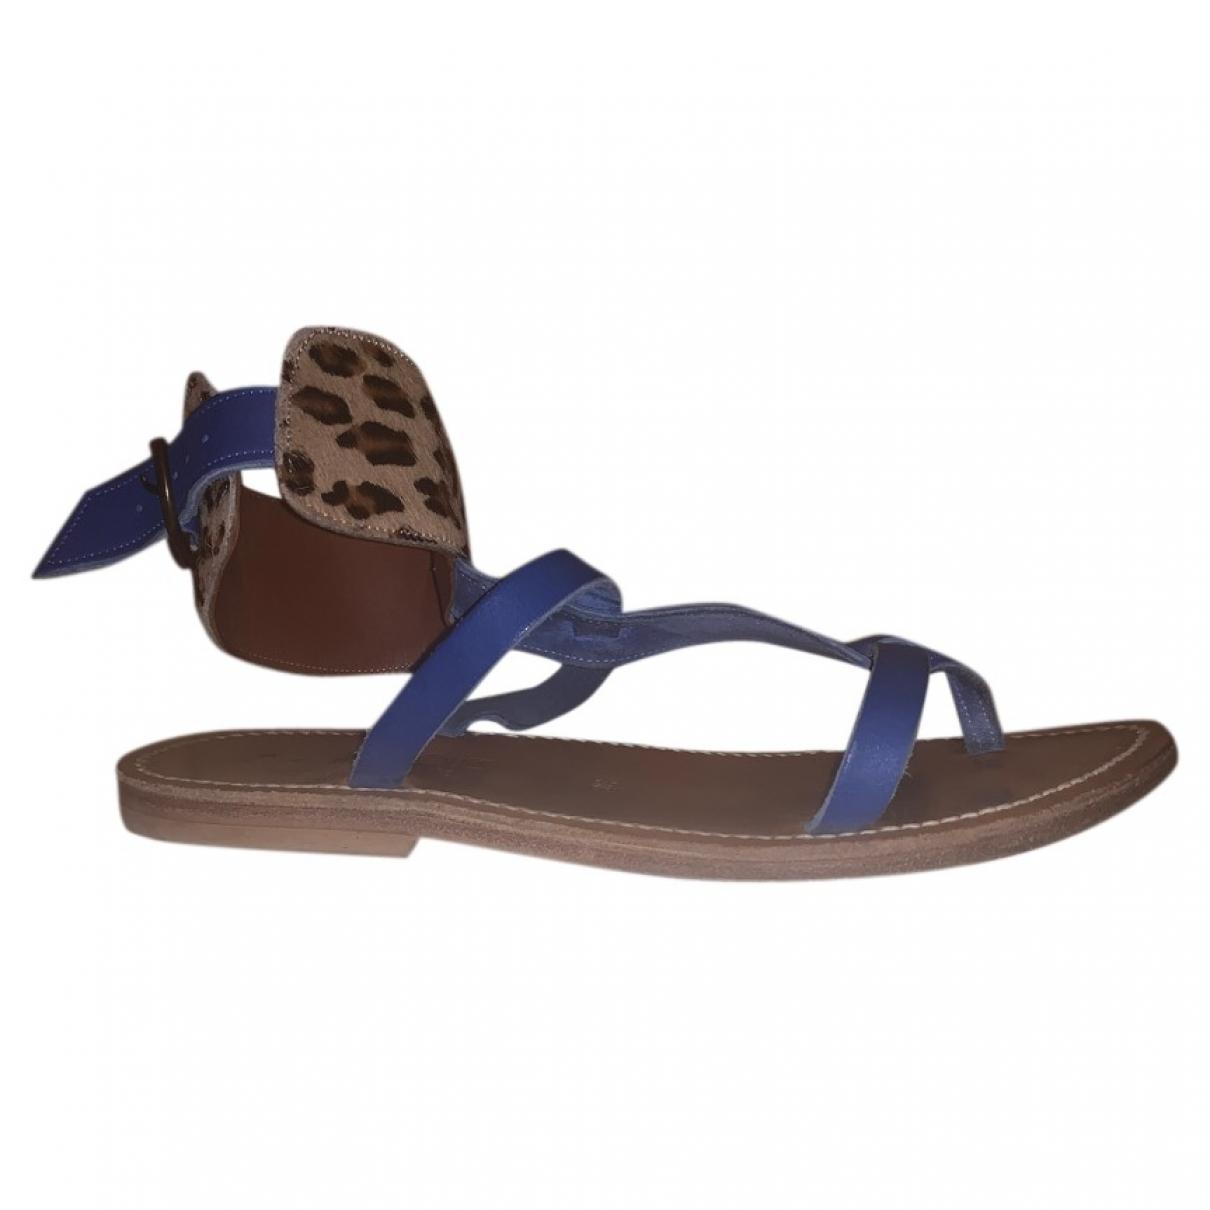 K Jacques - Sandales Caravelle pour femme en cuir - bleu